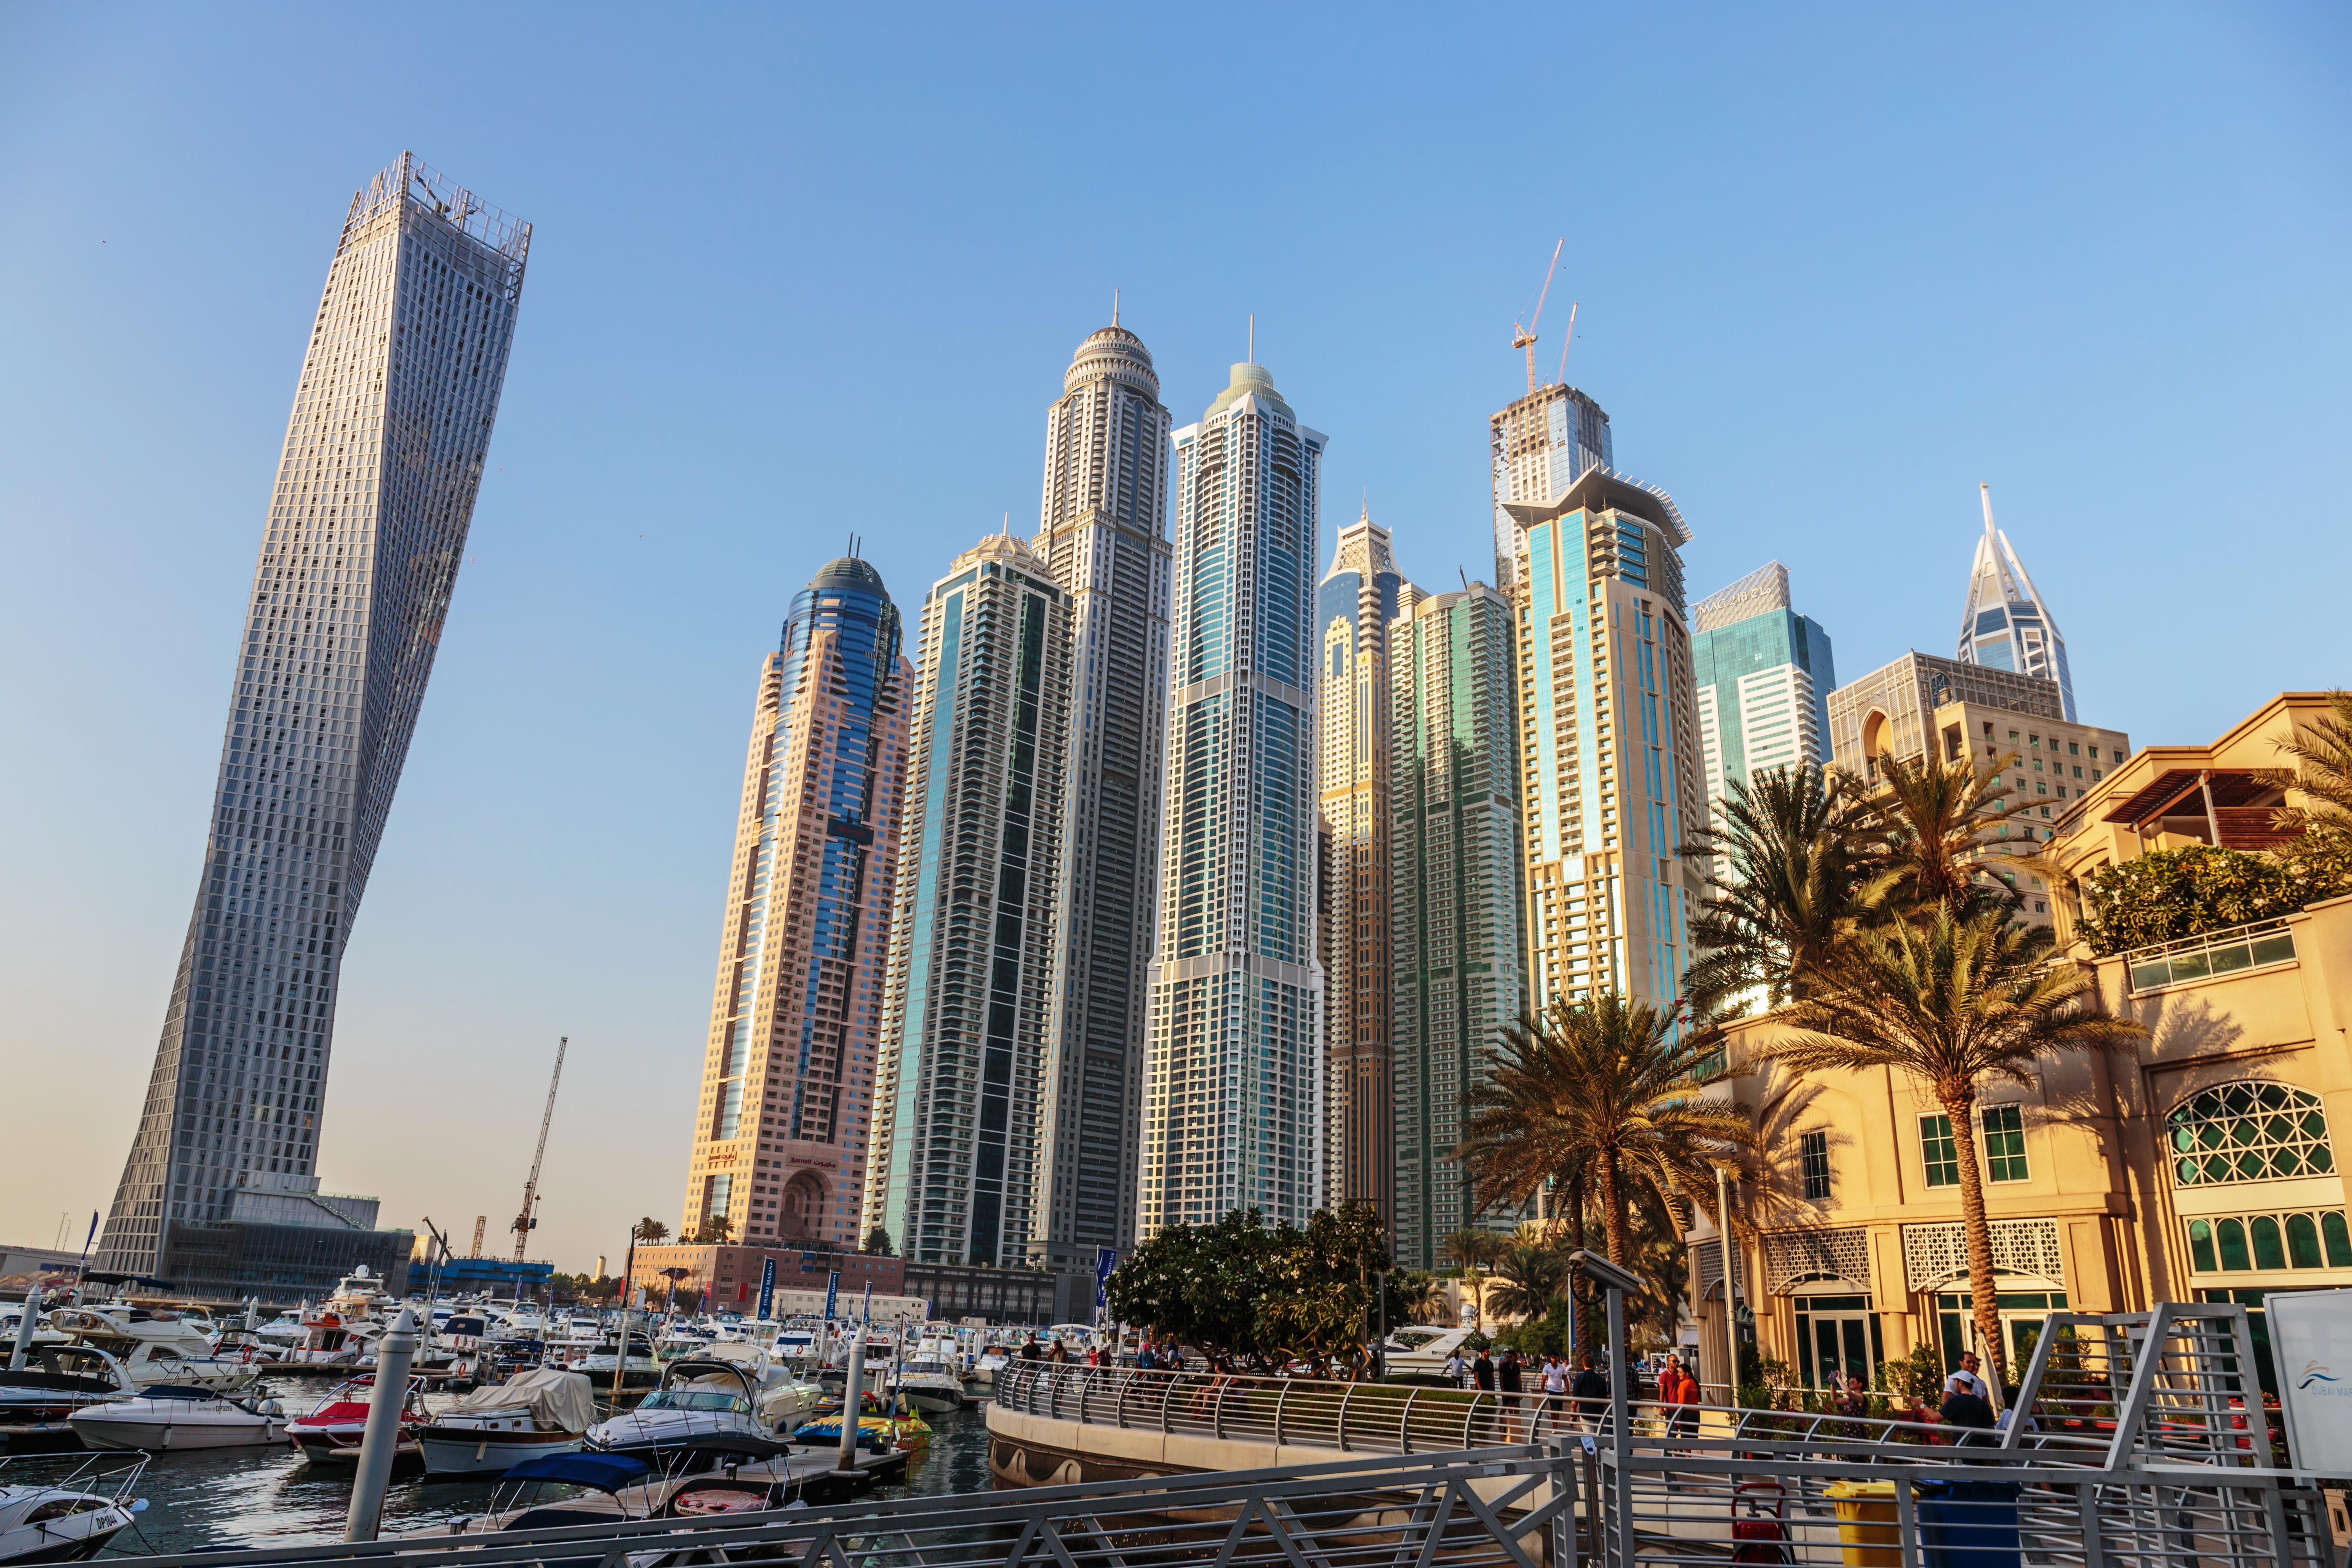 страны архитектура небоскреб рассвет Дубаи объединенные арабские эмираты  № 2209857 загрузить